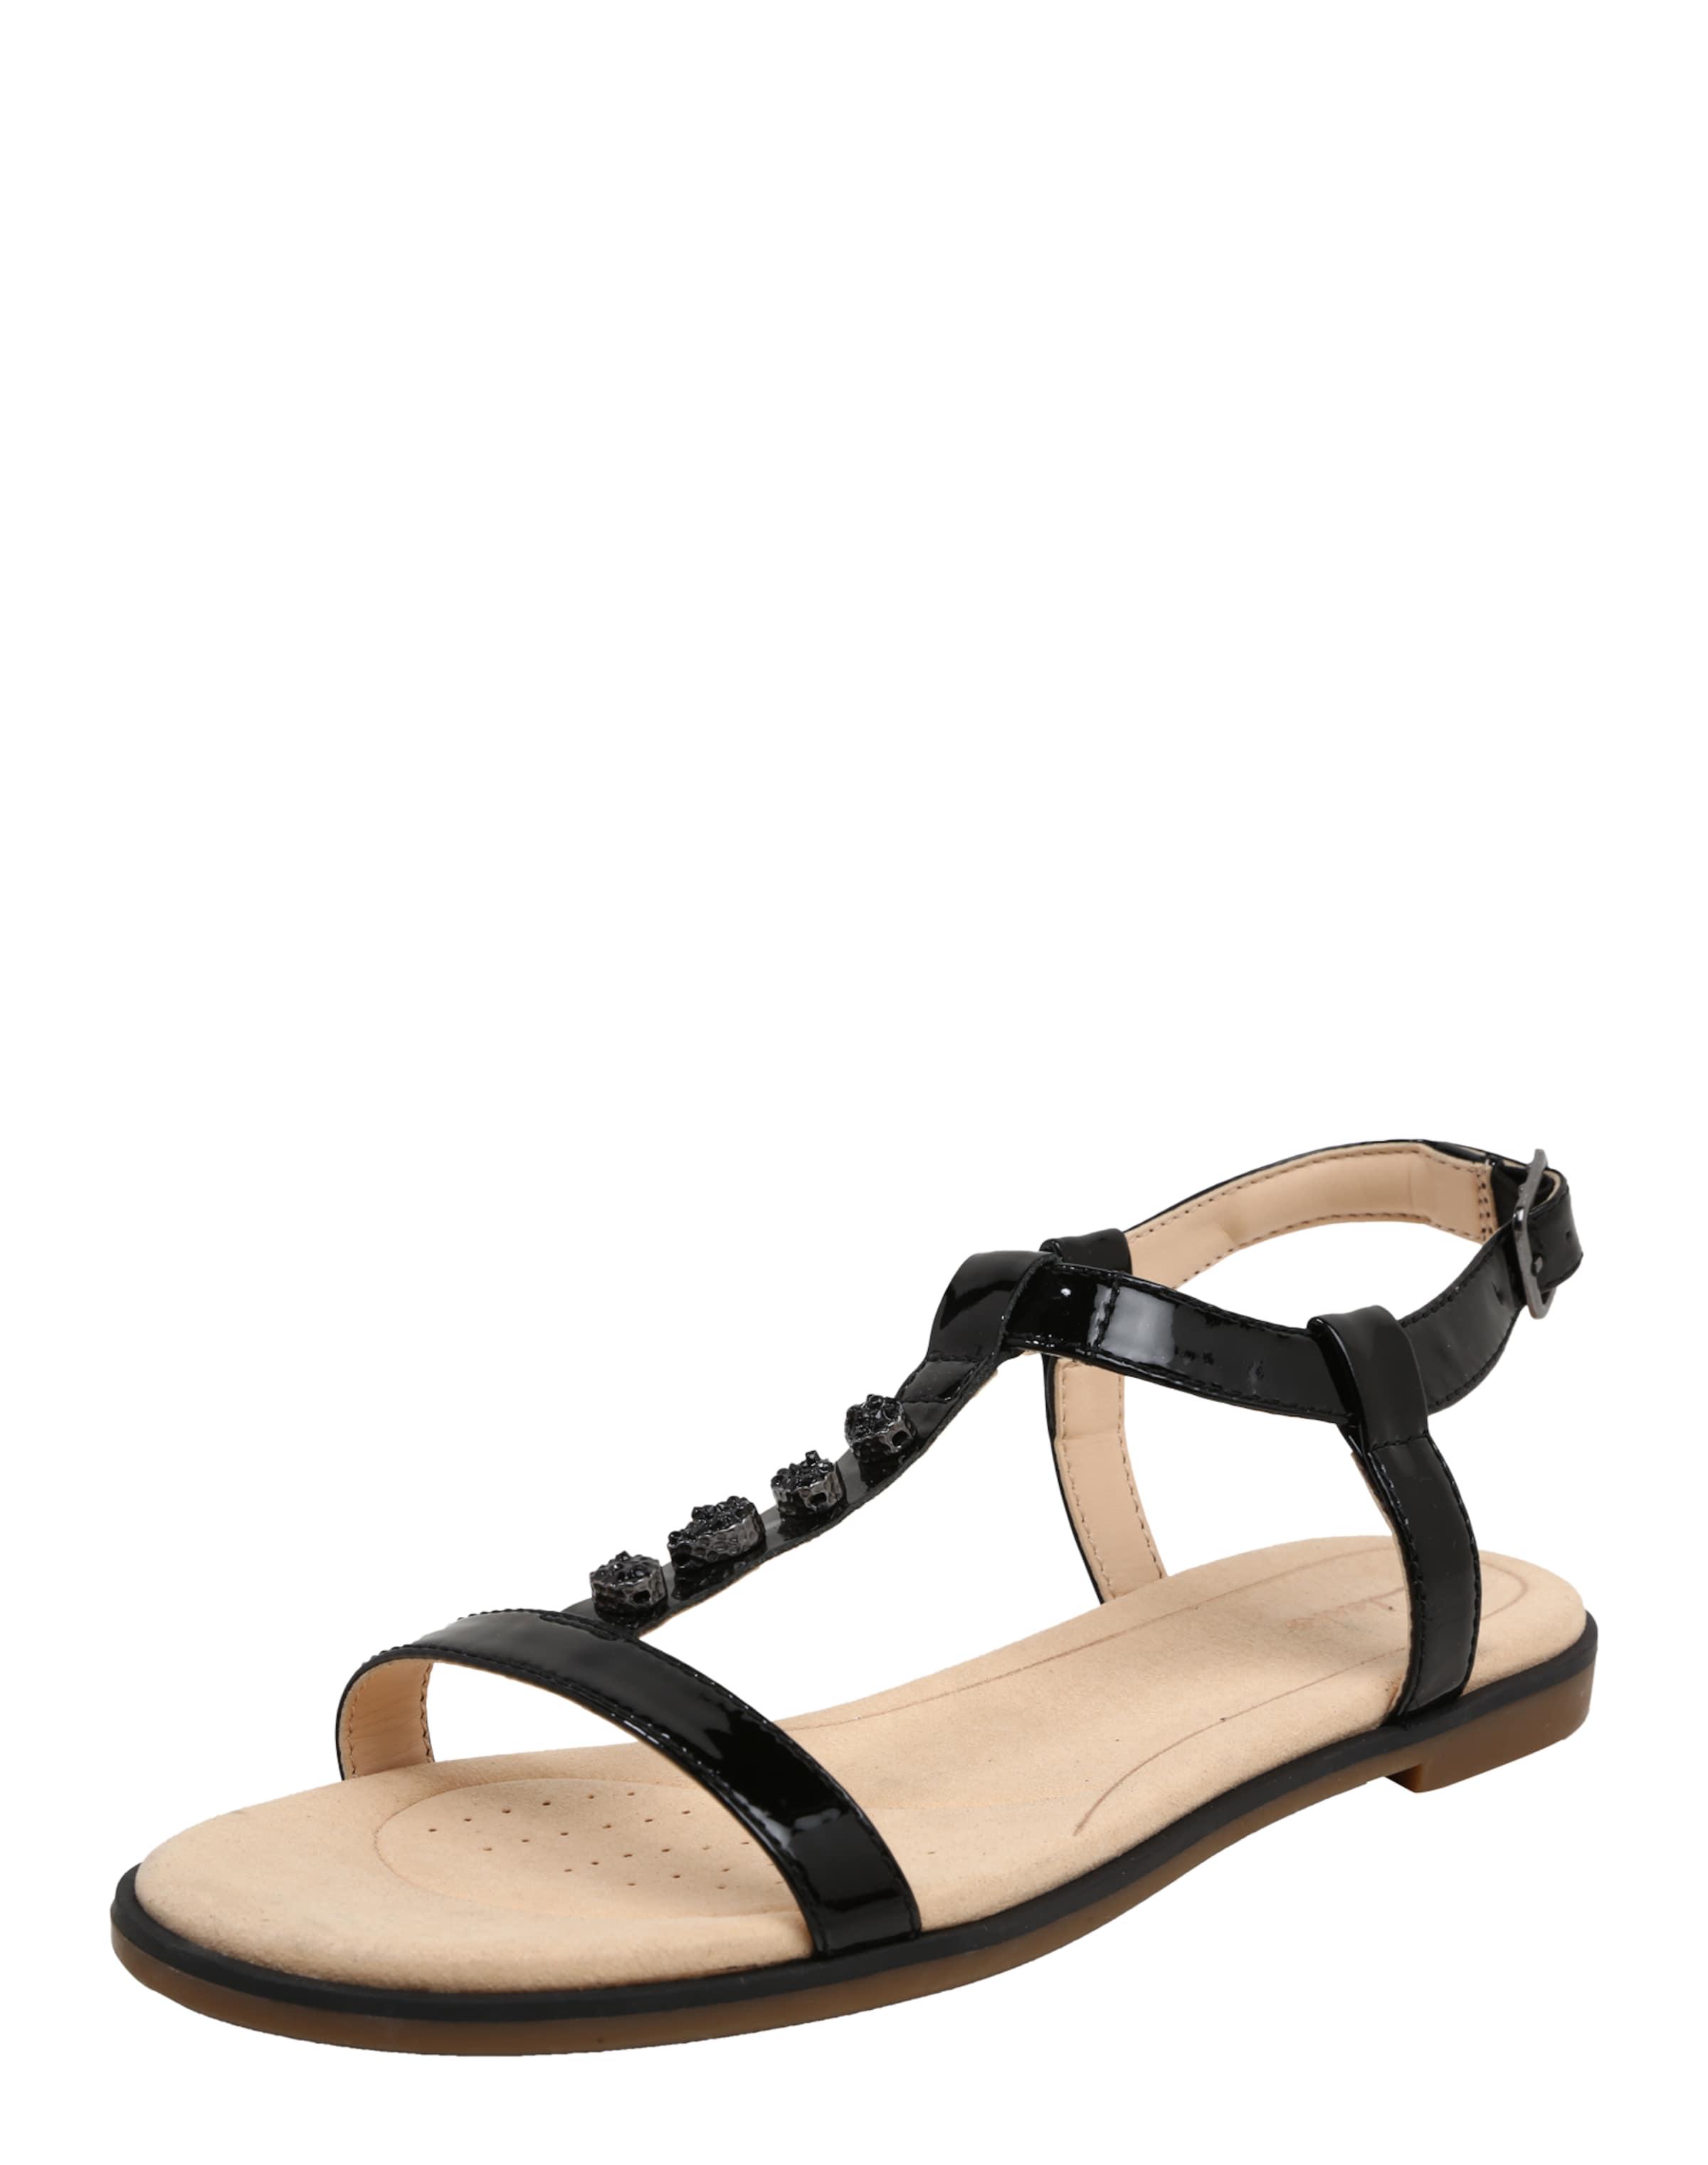 Sandales Avec Ceinture Noire Orabella Clarks